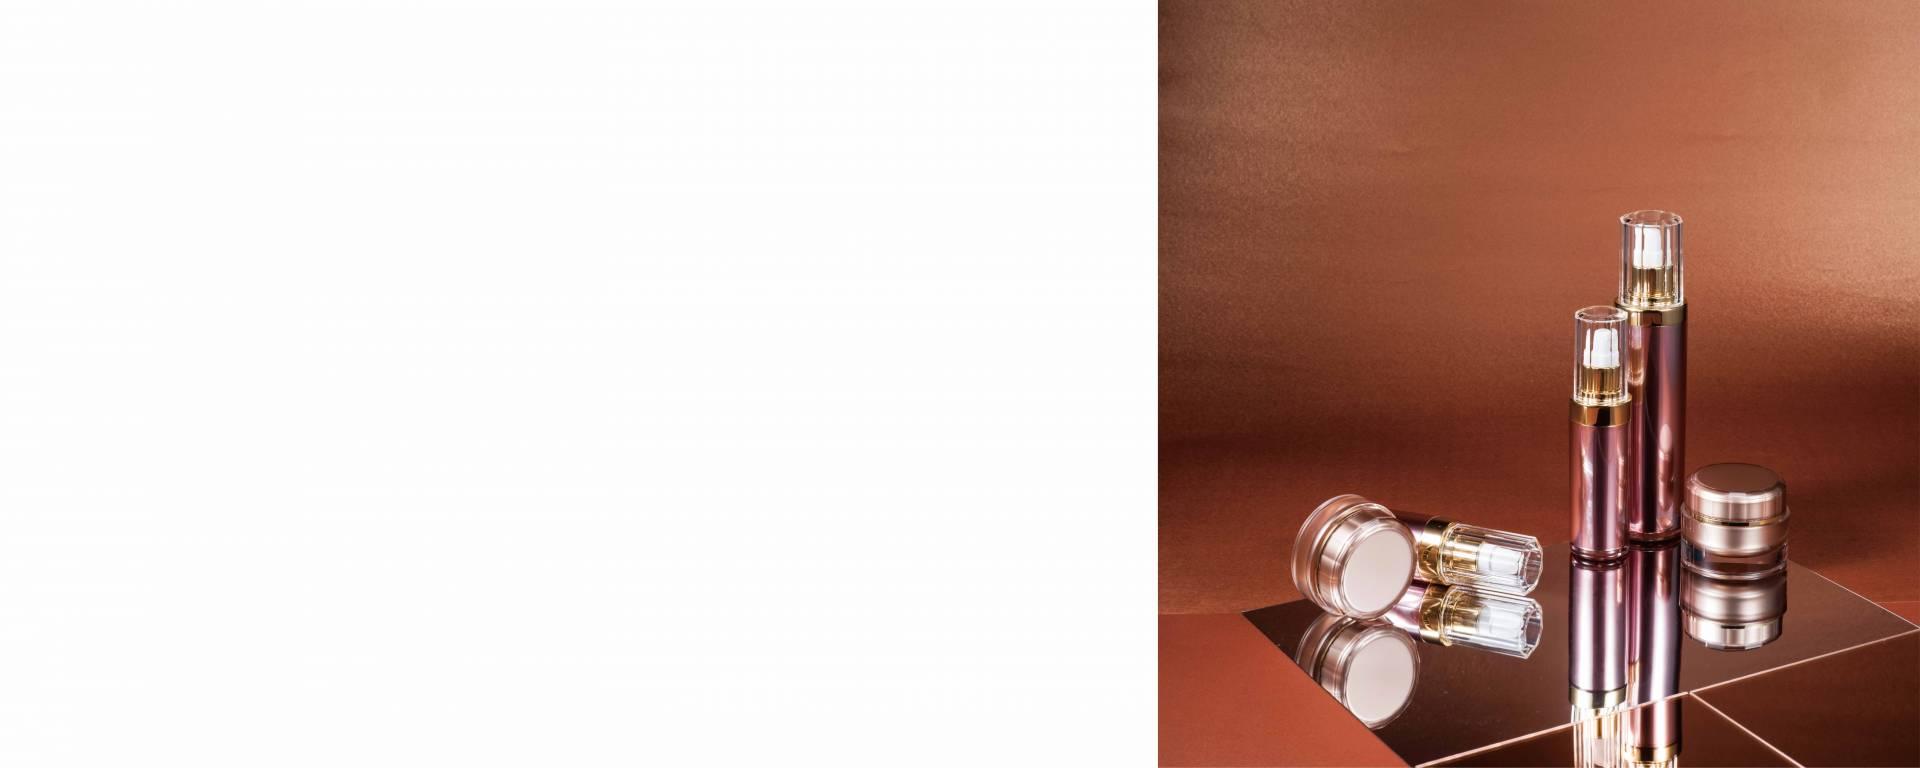 COSJAR ビューティーパッケージング 豪華でエレガントなハイエンドのクリスタルクリアアクリル スキンケア化粧品の美容包装